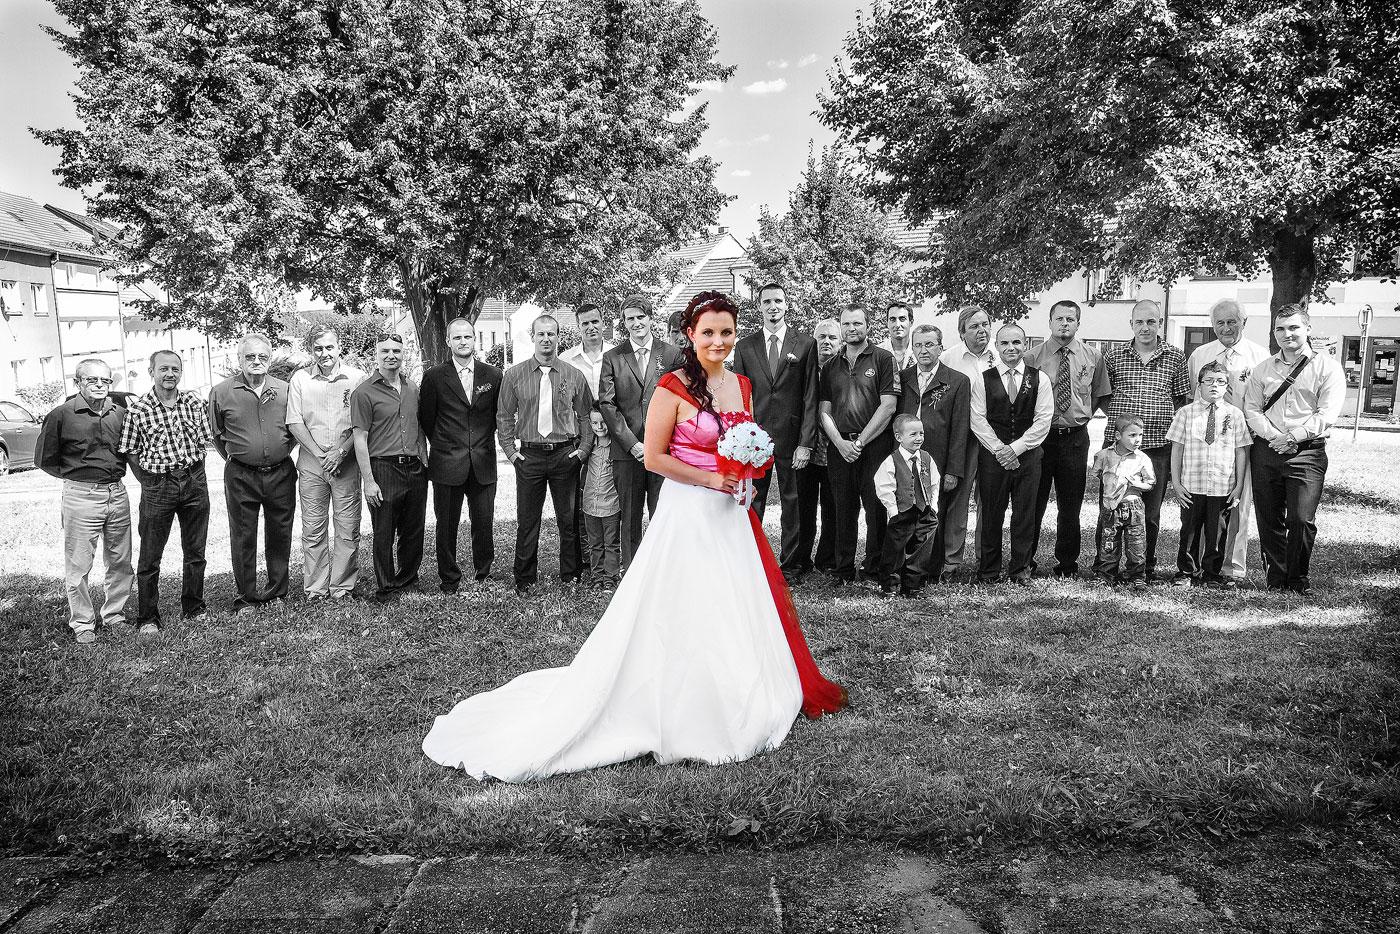 Svatební skupinové foto - svatební fotograf Daniel Rataj